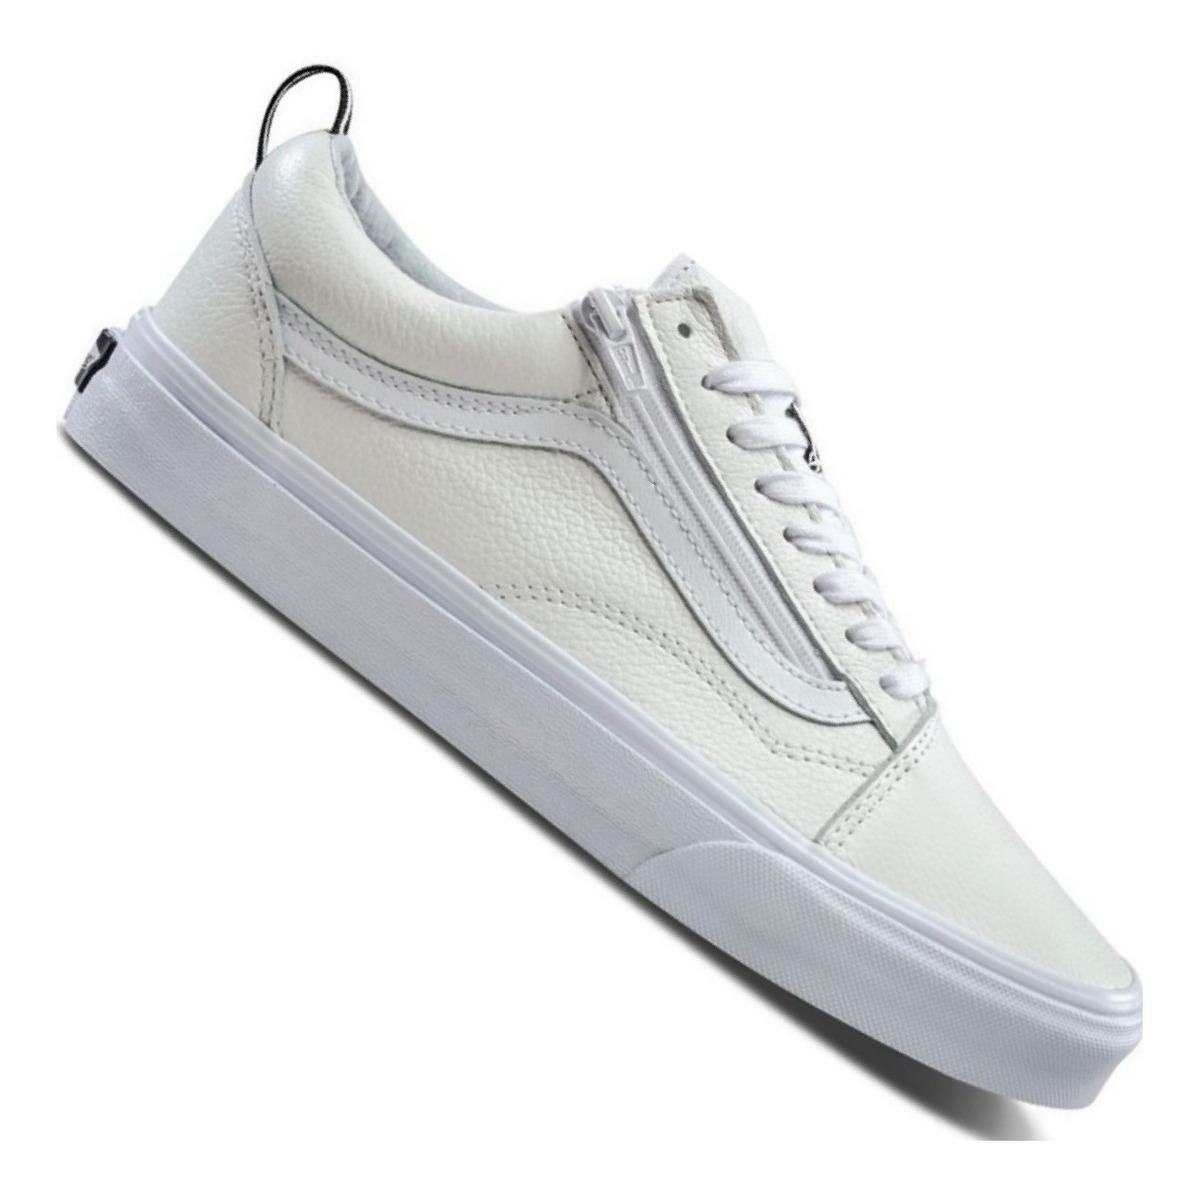 zapatillas vans blancas piel hombre